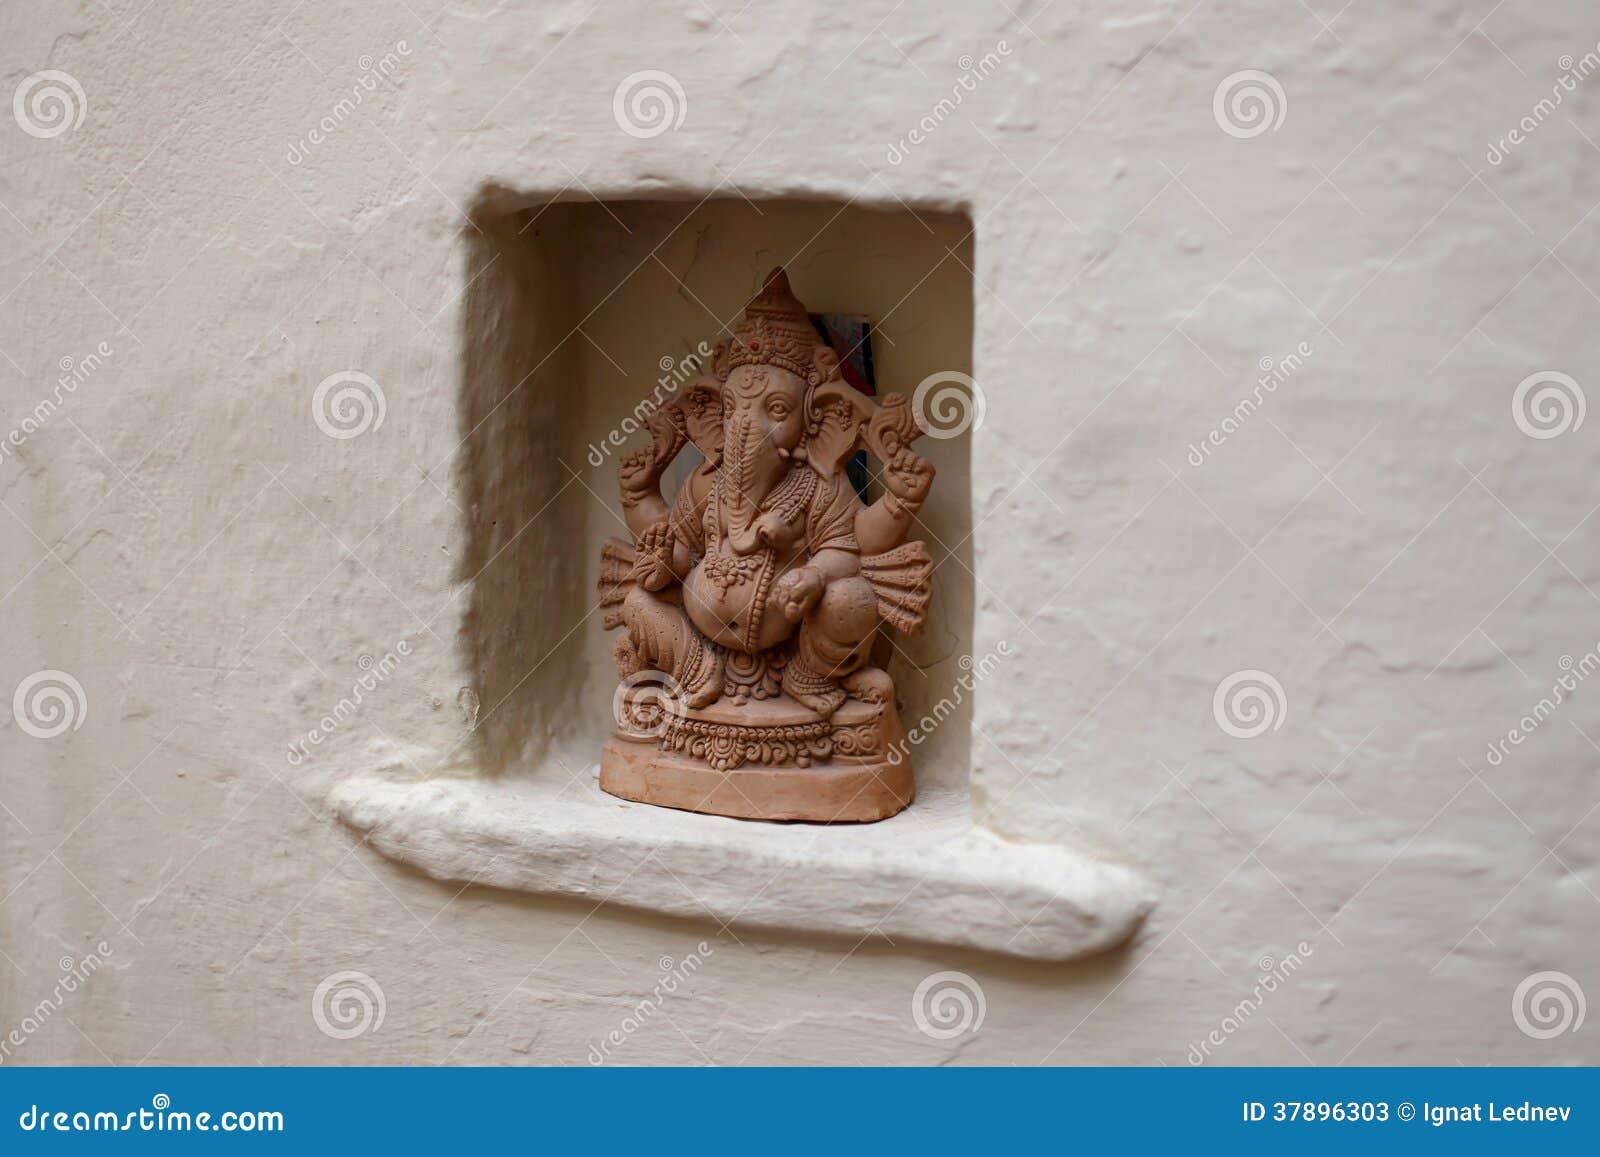 Beeldhouwwerk van een Hindoese god